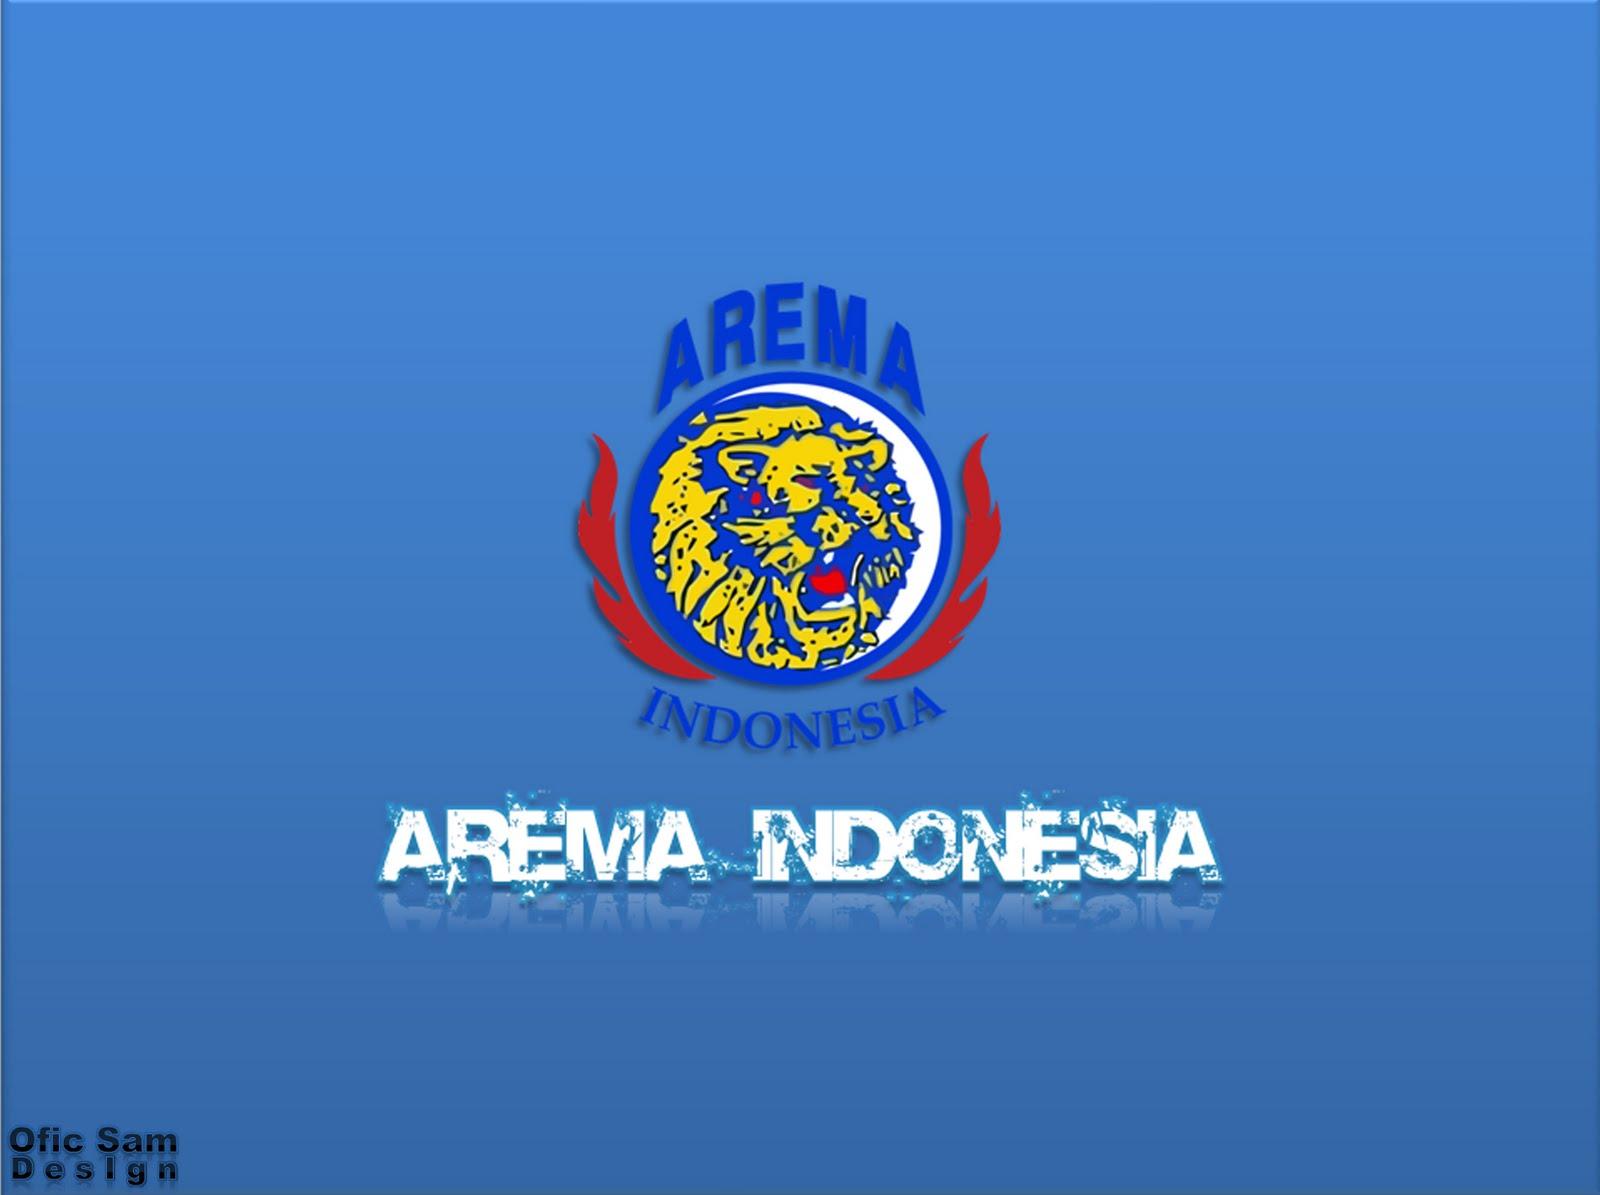 http://2.bp.blogspot.com/-x3fG9jS4lJU/Tb-JguhBlXI/AAAAAAAAAJk/C4RHxTR9gm8/s1600/wallpaper+arema+indonesia+mei+2011+by+ofic+sam+_boy_gassipers@yahoo.co.id+%286%29.jpg